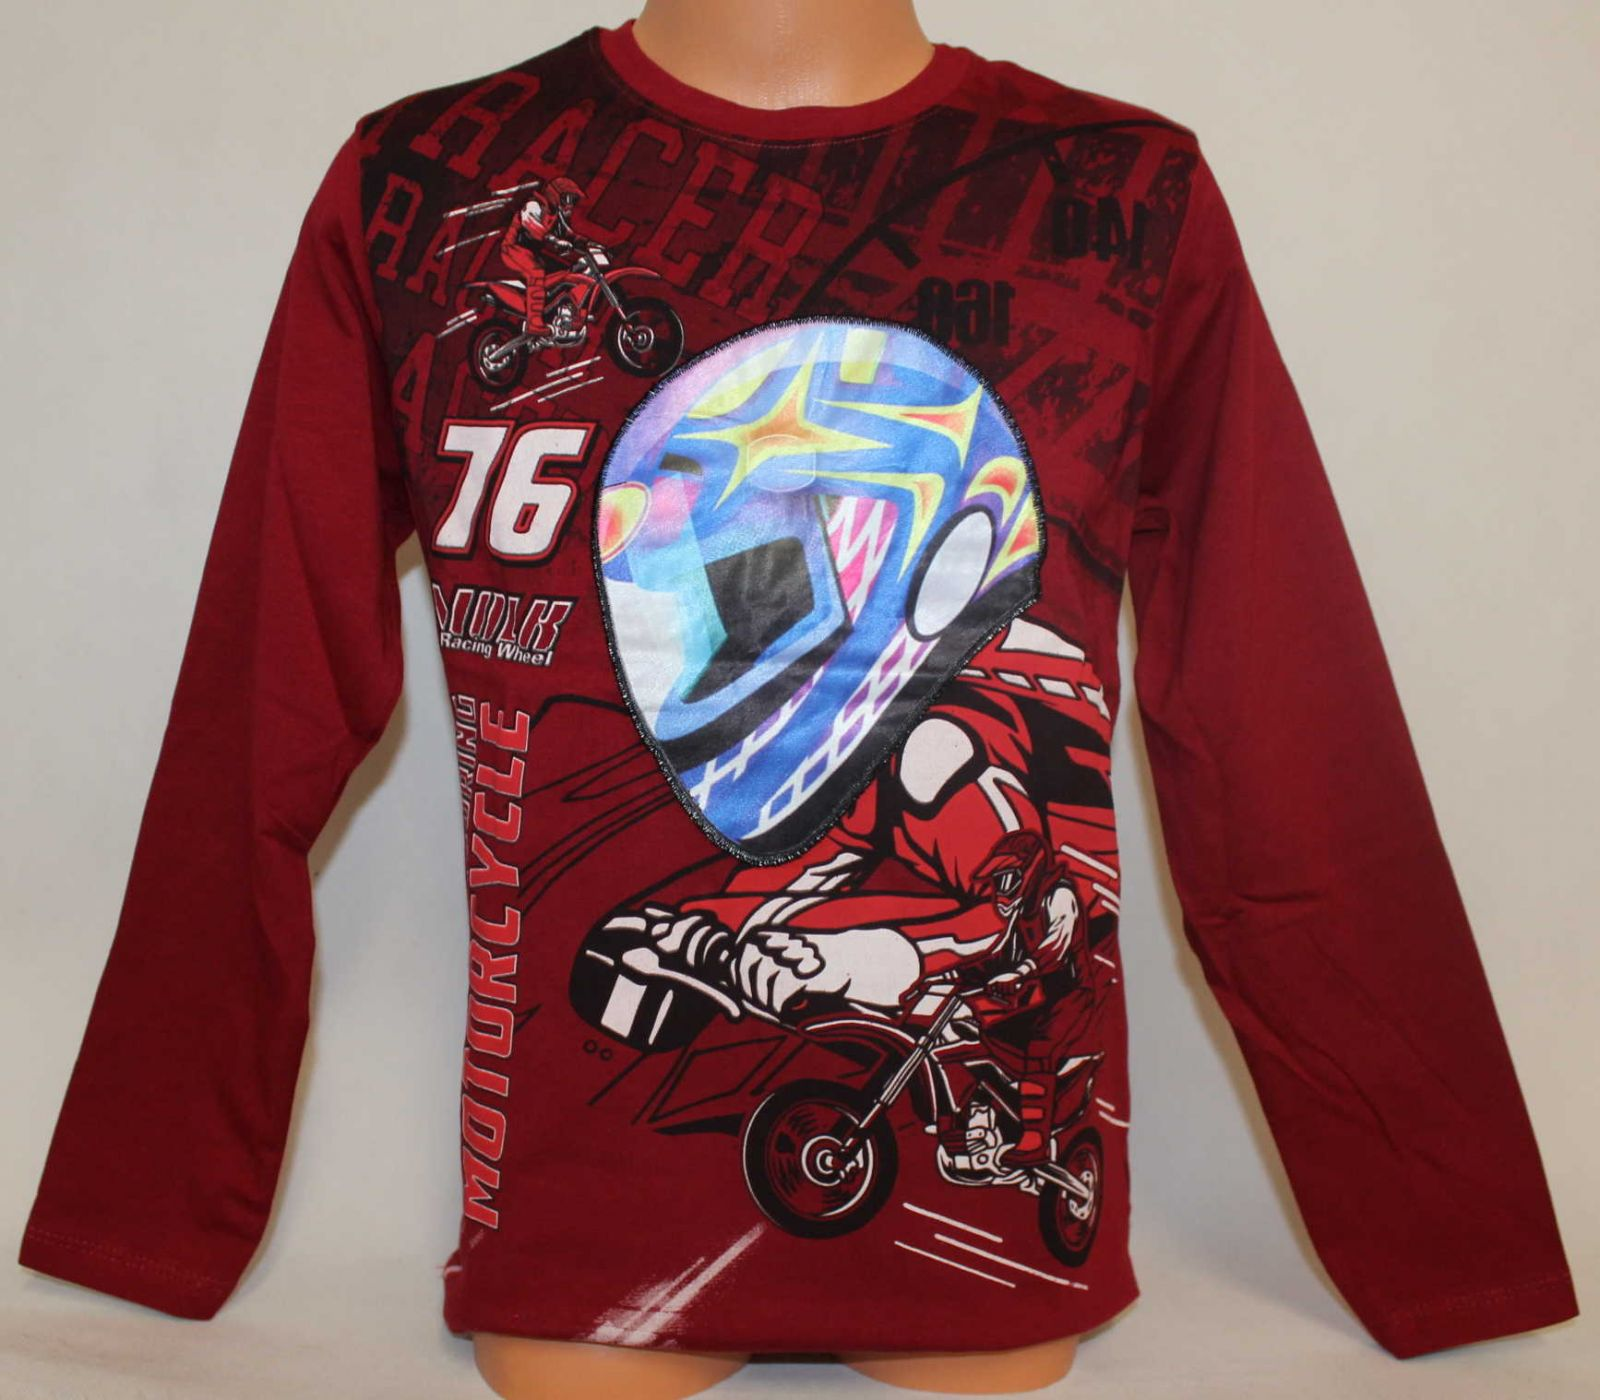 Blikací tričko s motorkou, svítící tričko, chlapecké blikací tričko, motorka blikající tričko, blikací triko s motorkou Mini Life